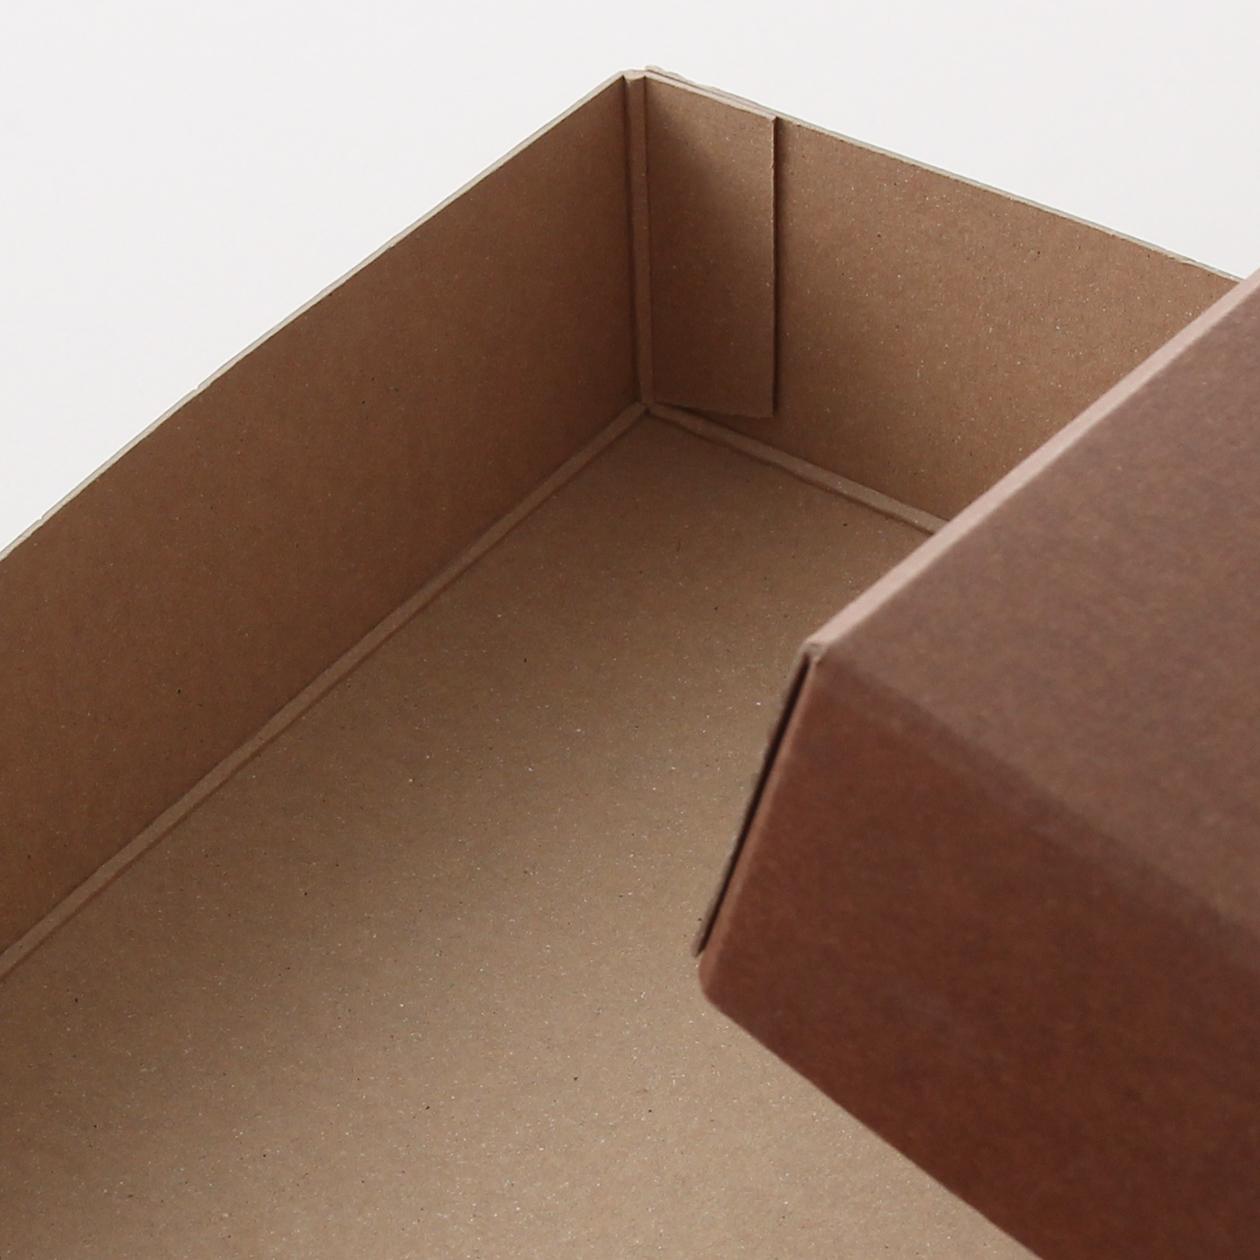 糊どめ箱 サイズM_2 ボード紙 チョコレート